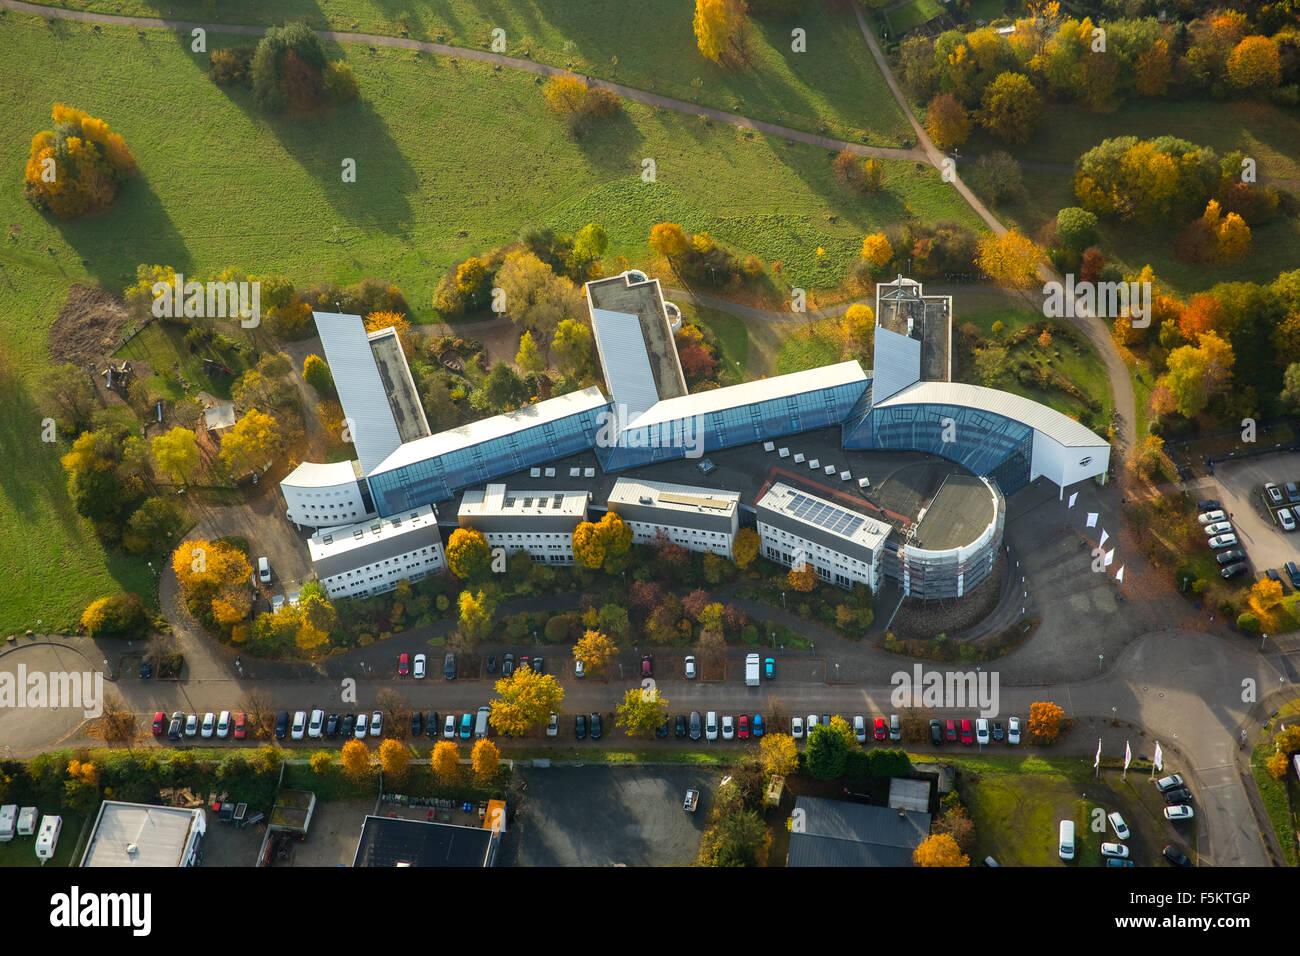 Private Universität Witten/Herdecke, Witten, Ruhrgebiet, Ruhr area - Stock Image